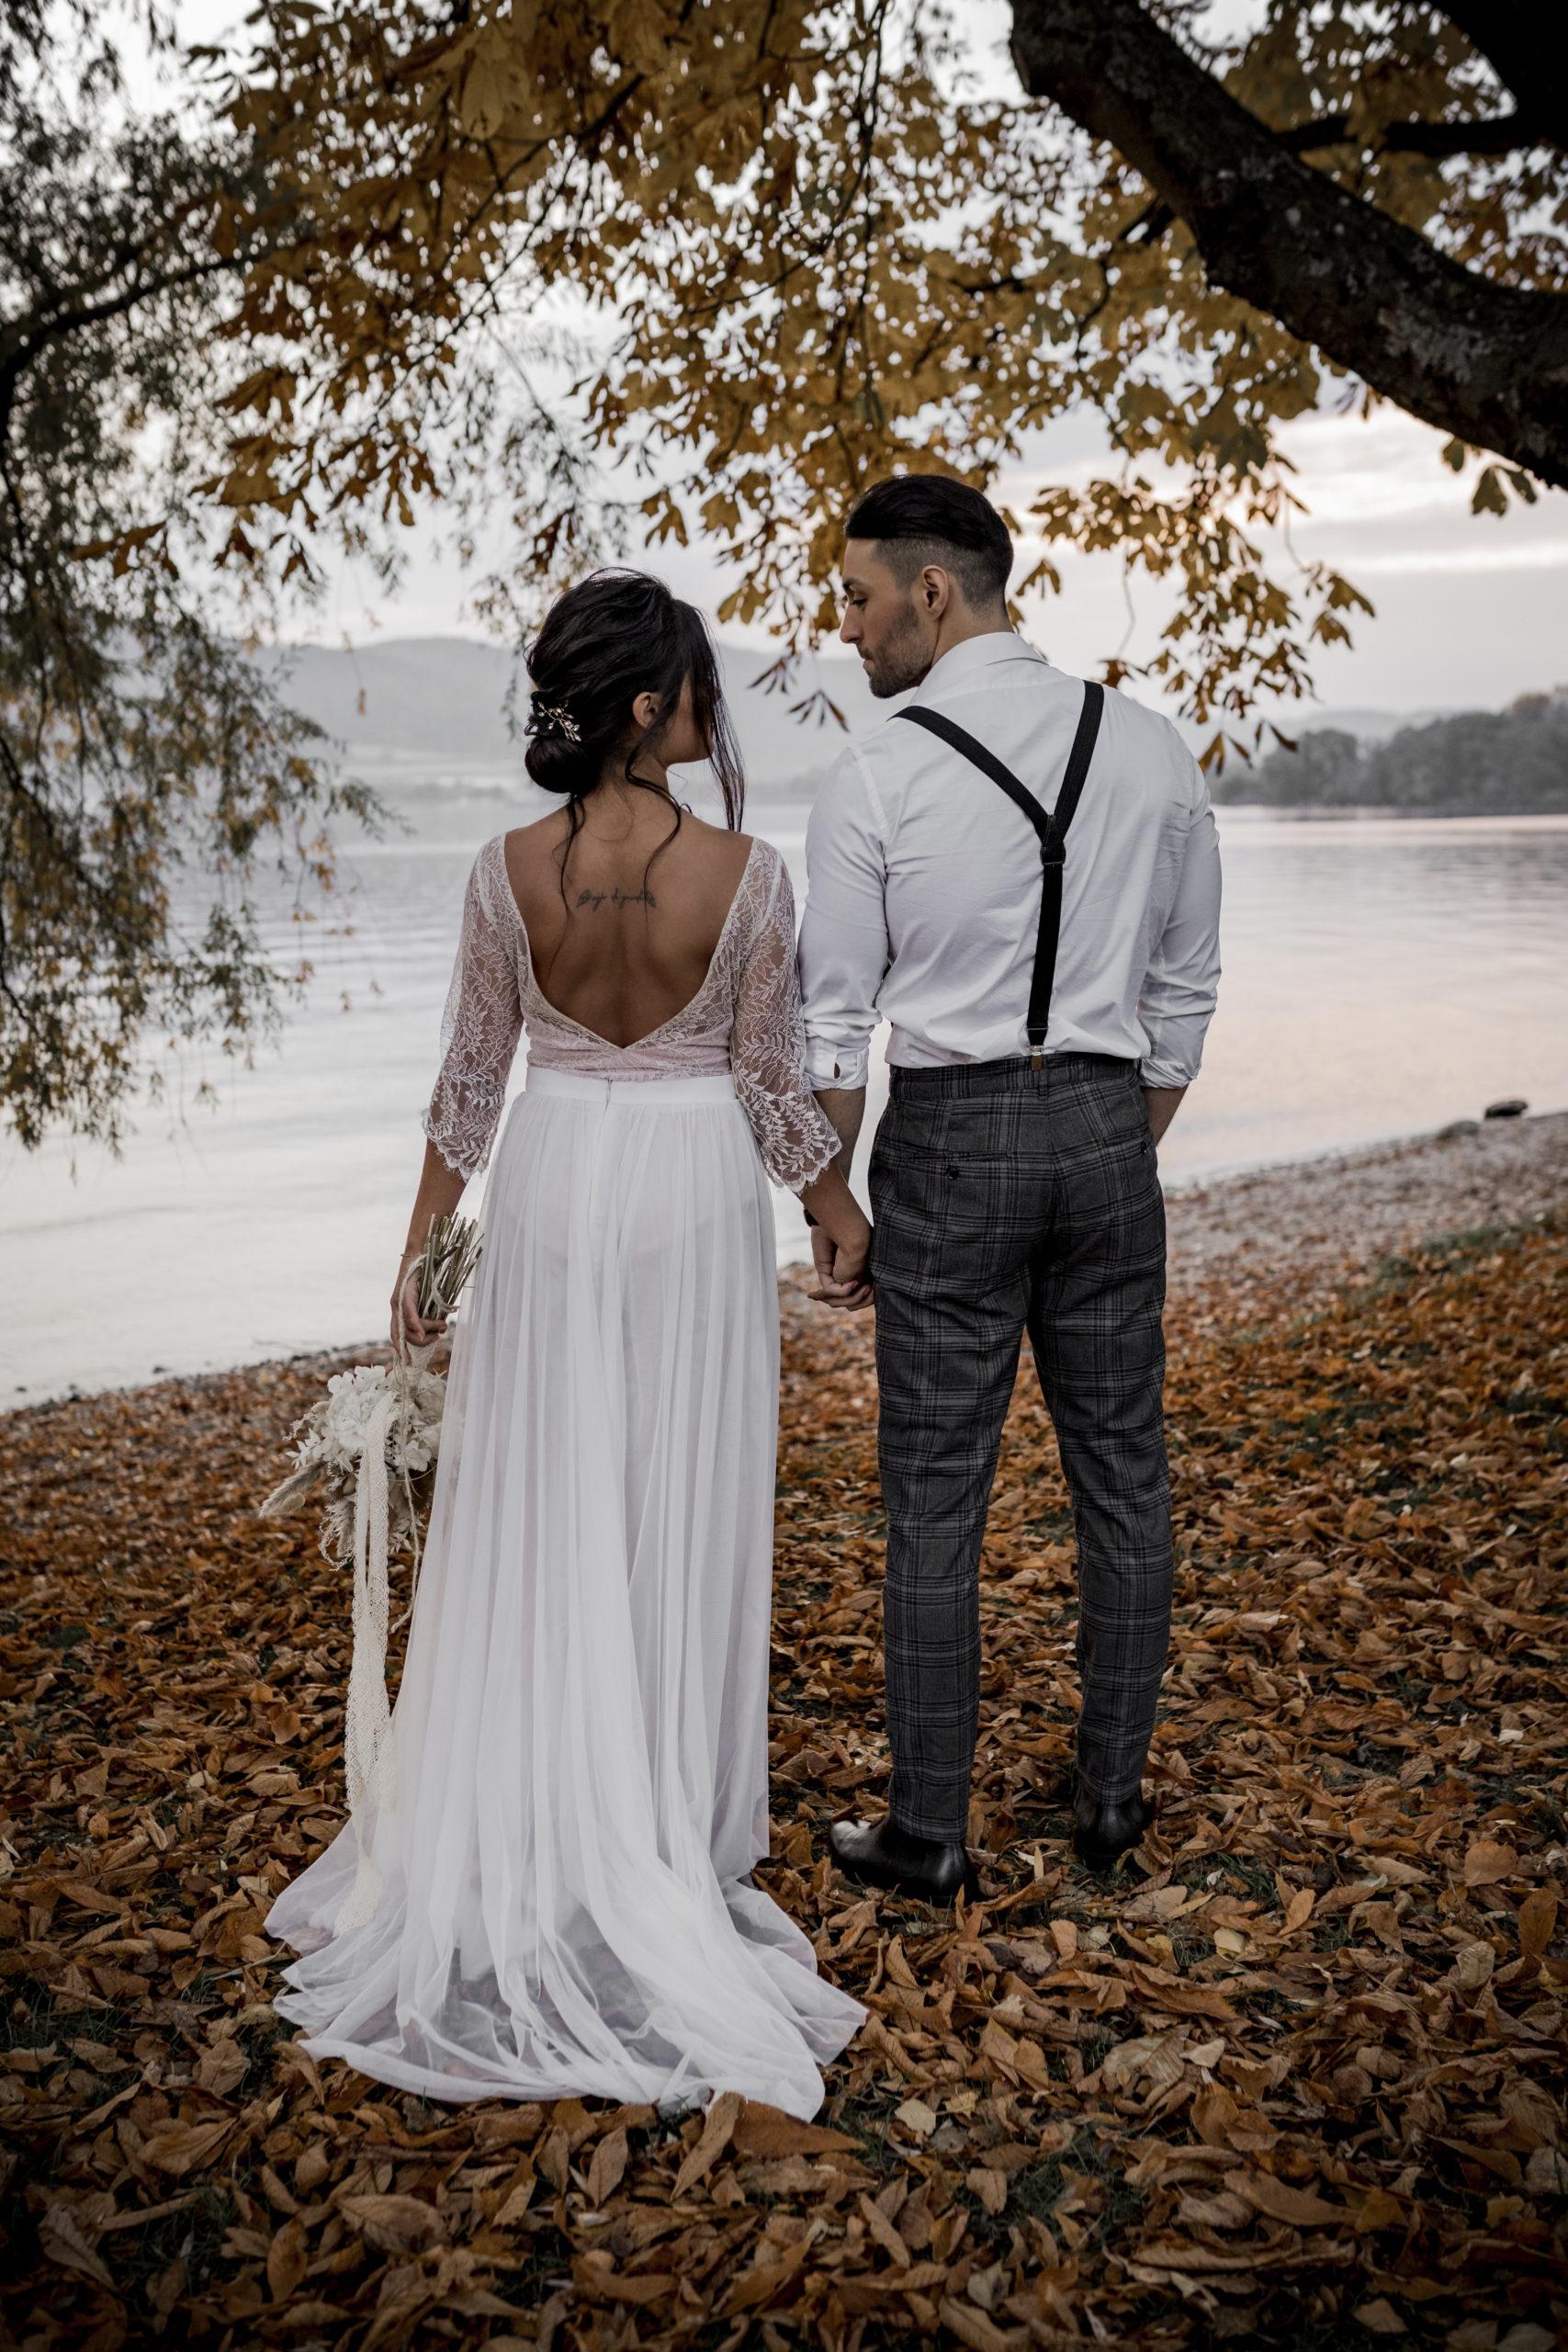 noni Brautmode, Styled Shoot am Bodensee, Model-Pärchen am Seeufer bei Sonnenschein, Braut mit zweiteiligem Brautkleid in Puderrosa-Optik, Bräutigam mit Hemd und Hosenträgern, Rückenansichr: rückenfreies Brautkleid